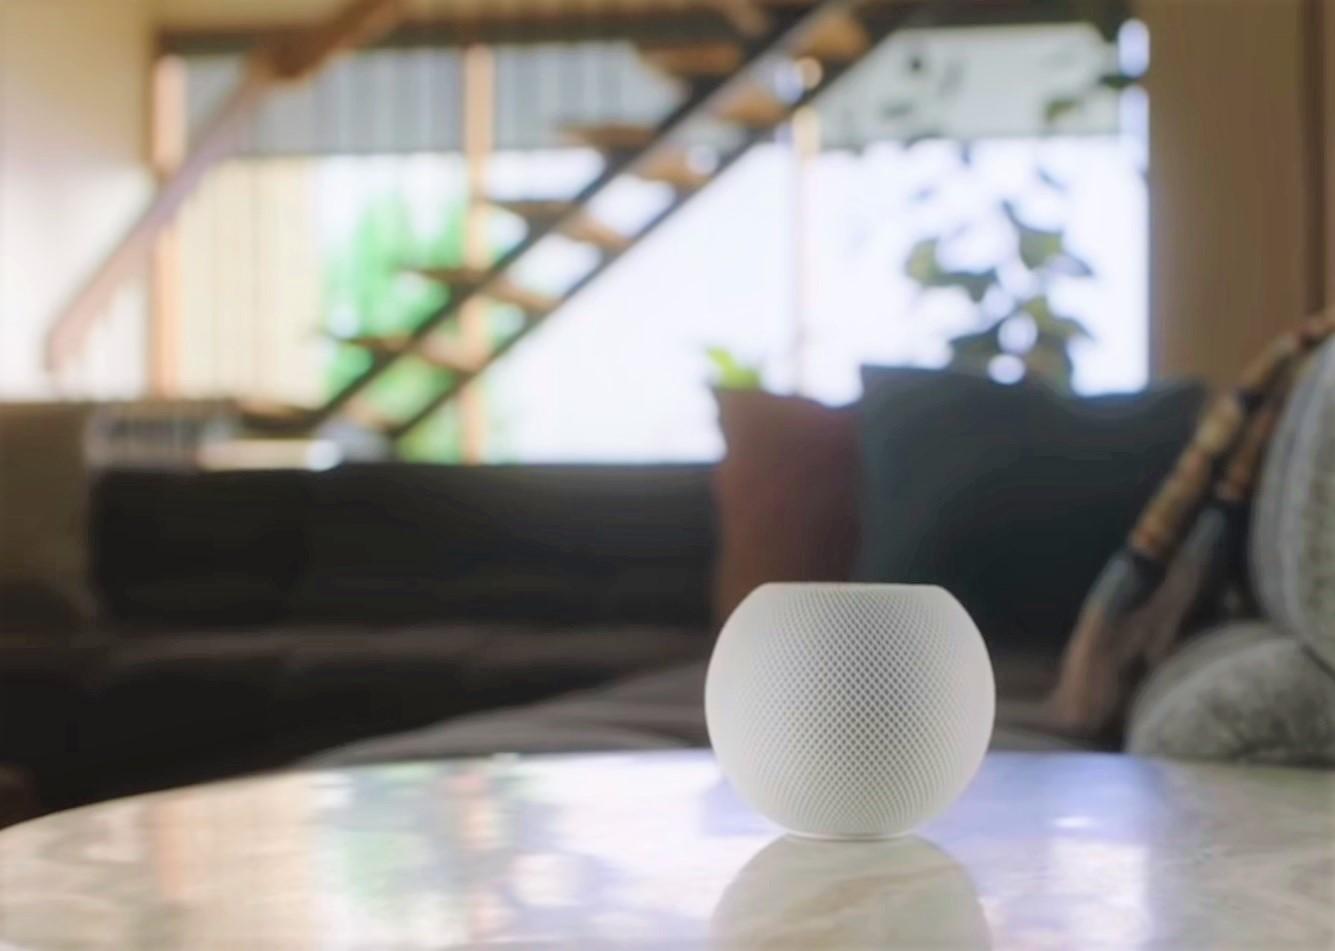 HomePod miniと部屋